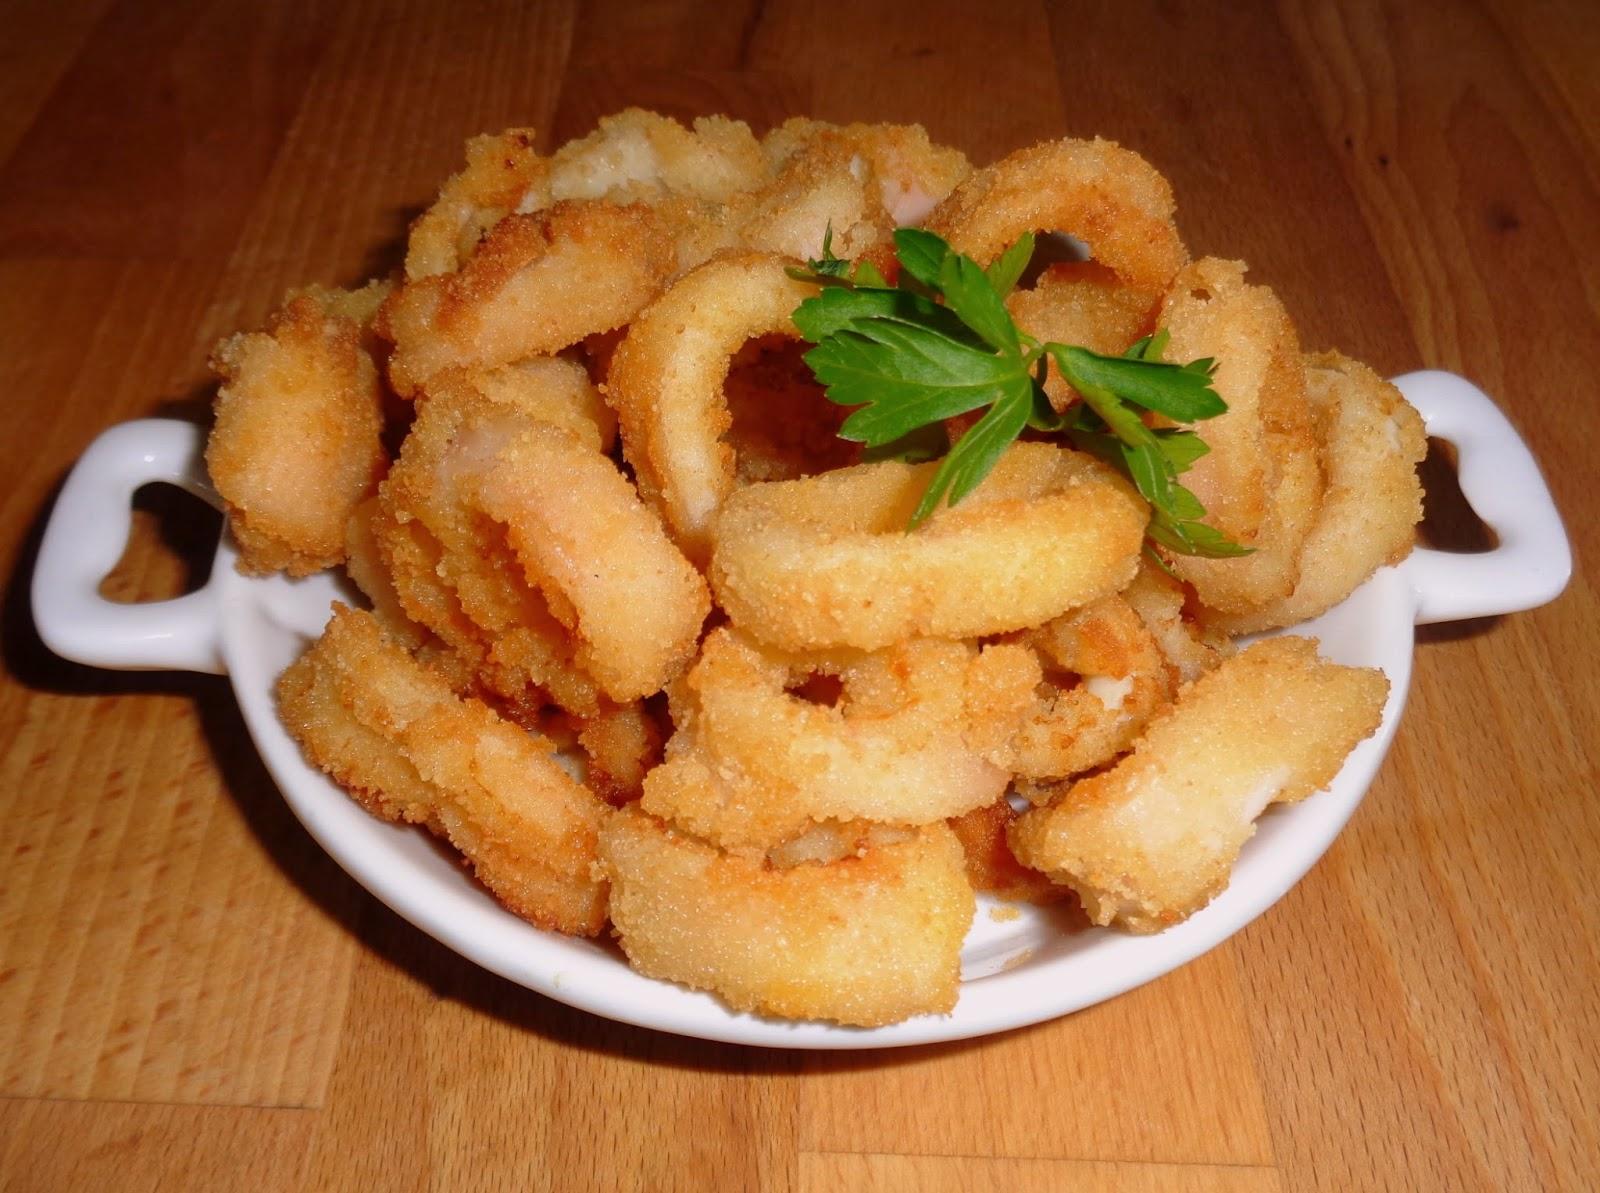 Recetas de mi madre y mias calamares rebozados caseros - Limpiar calamares pequenos ...